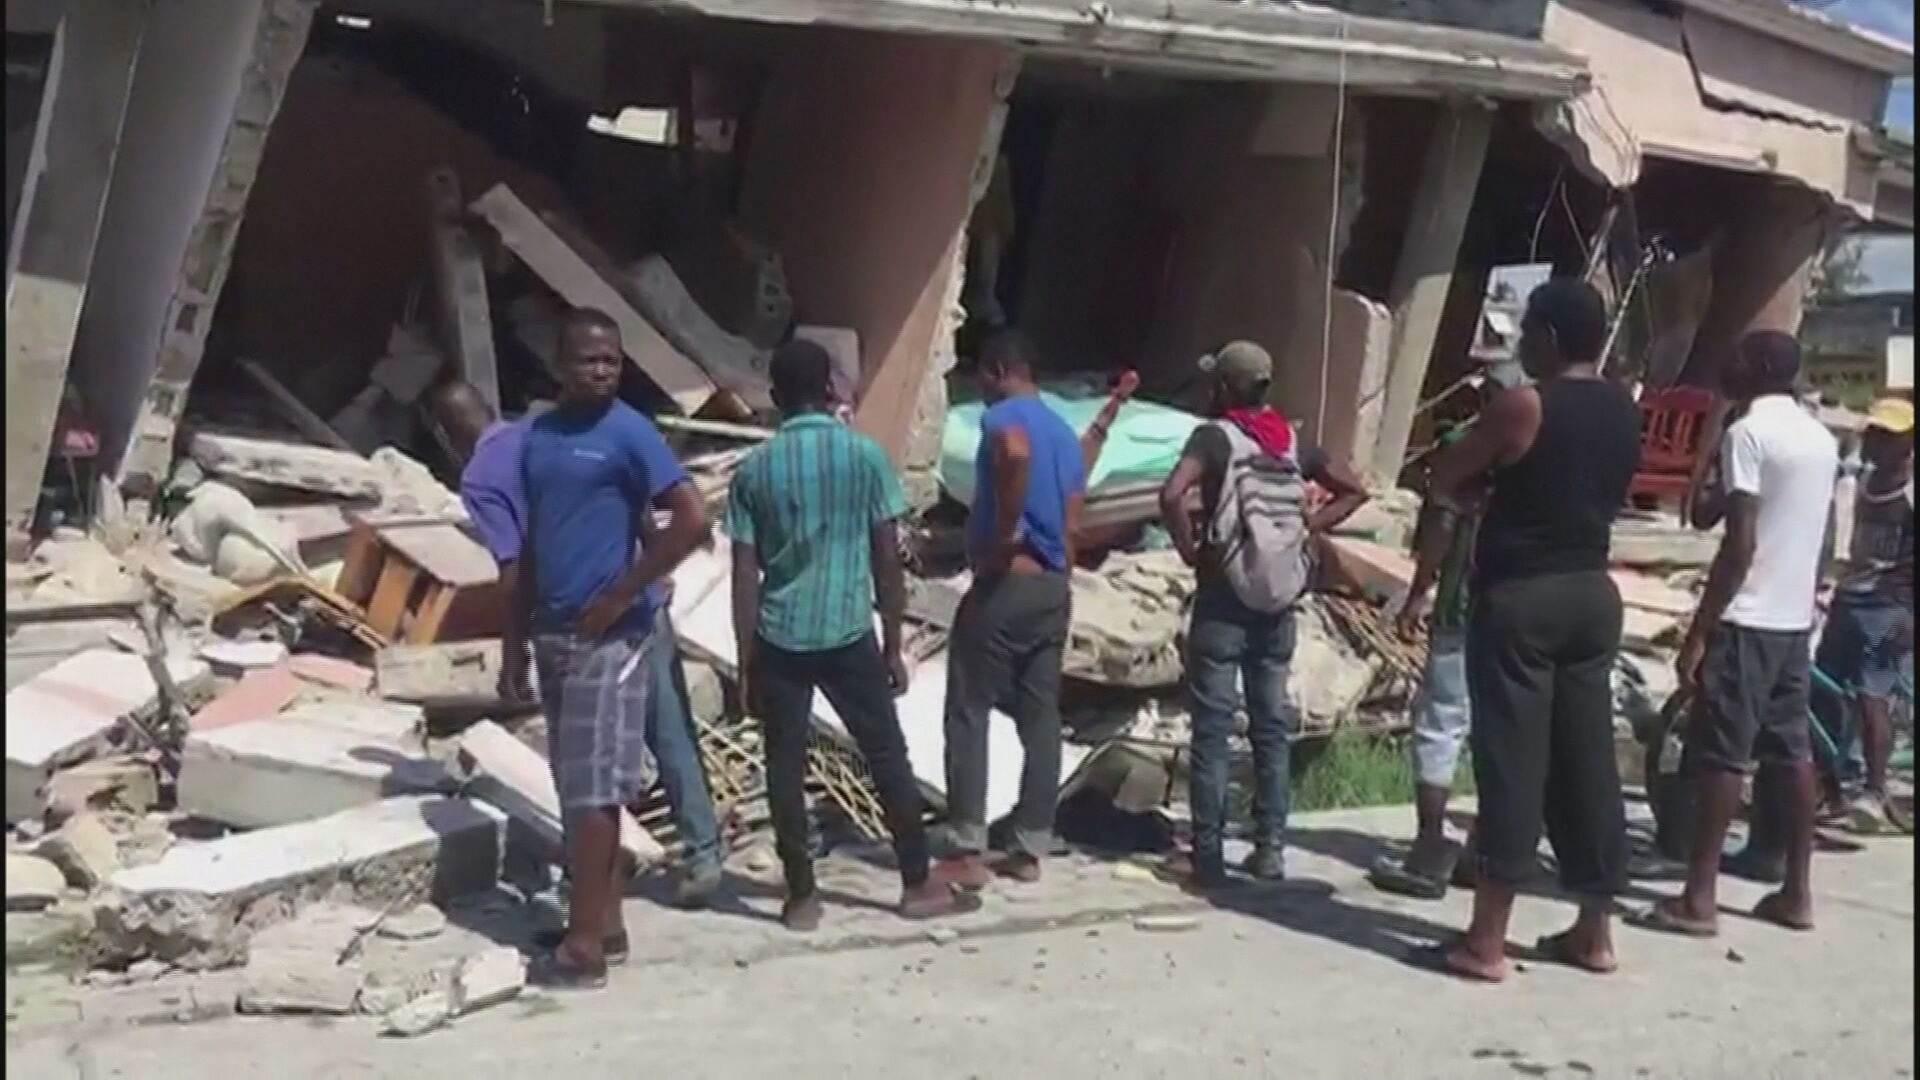 Crise política e miséria atrasam resgate a vítimas do terremoto no Haiti (14.Ago